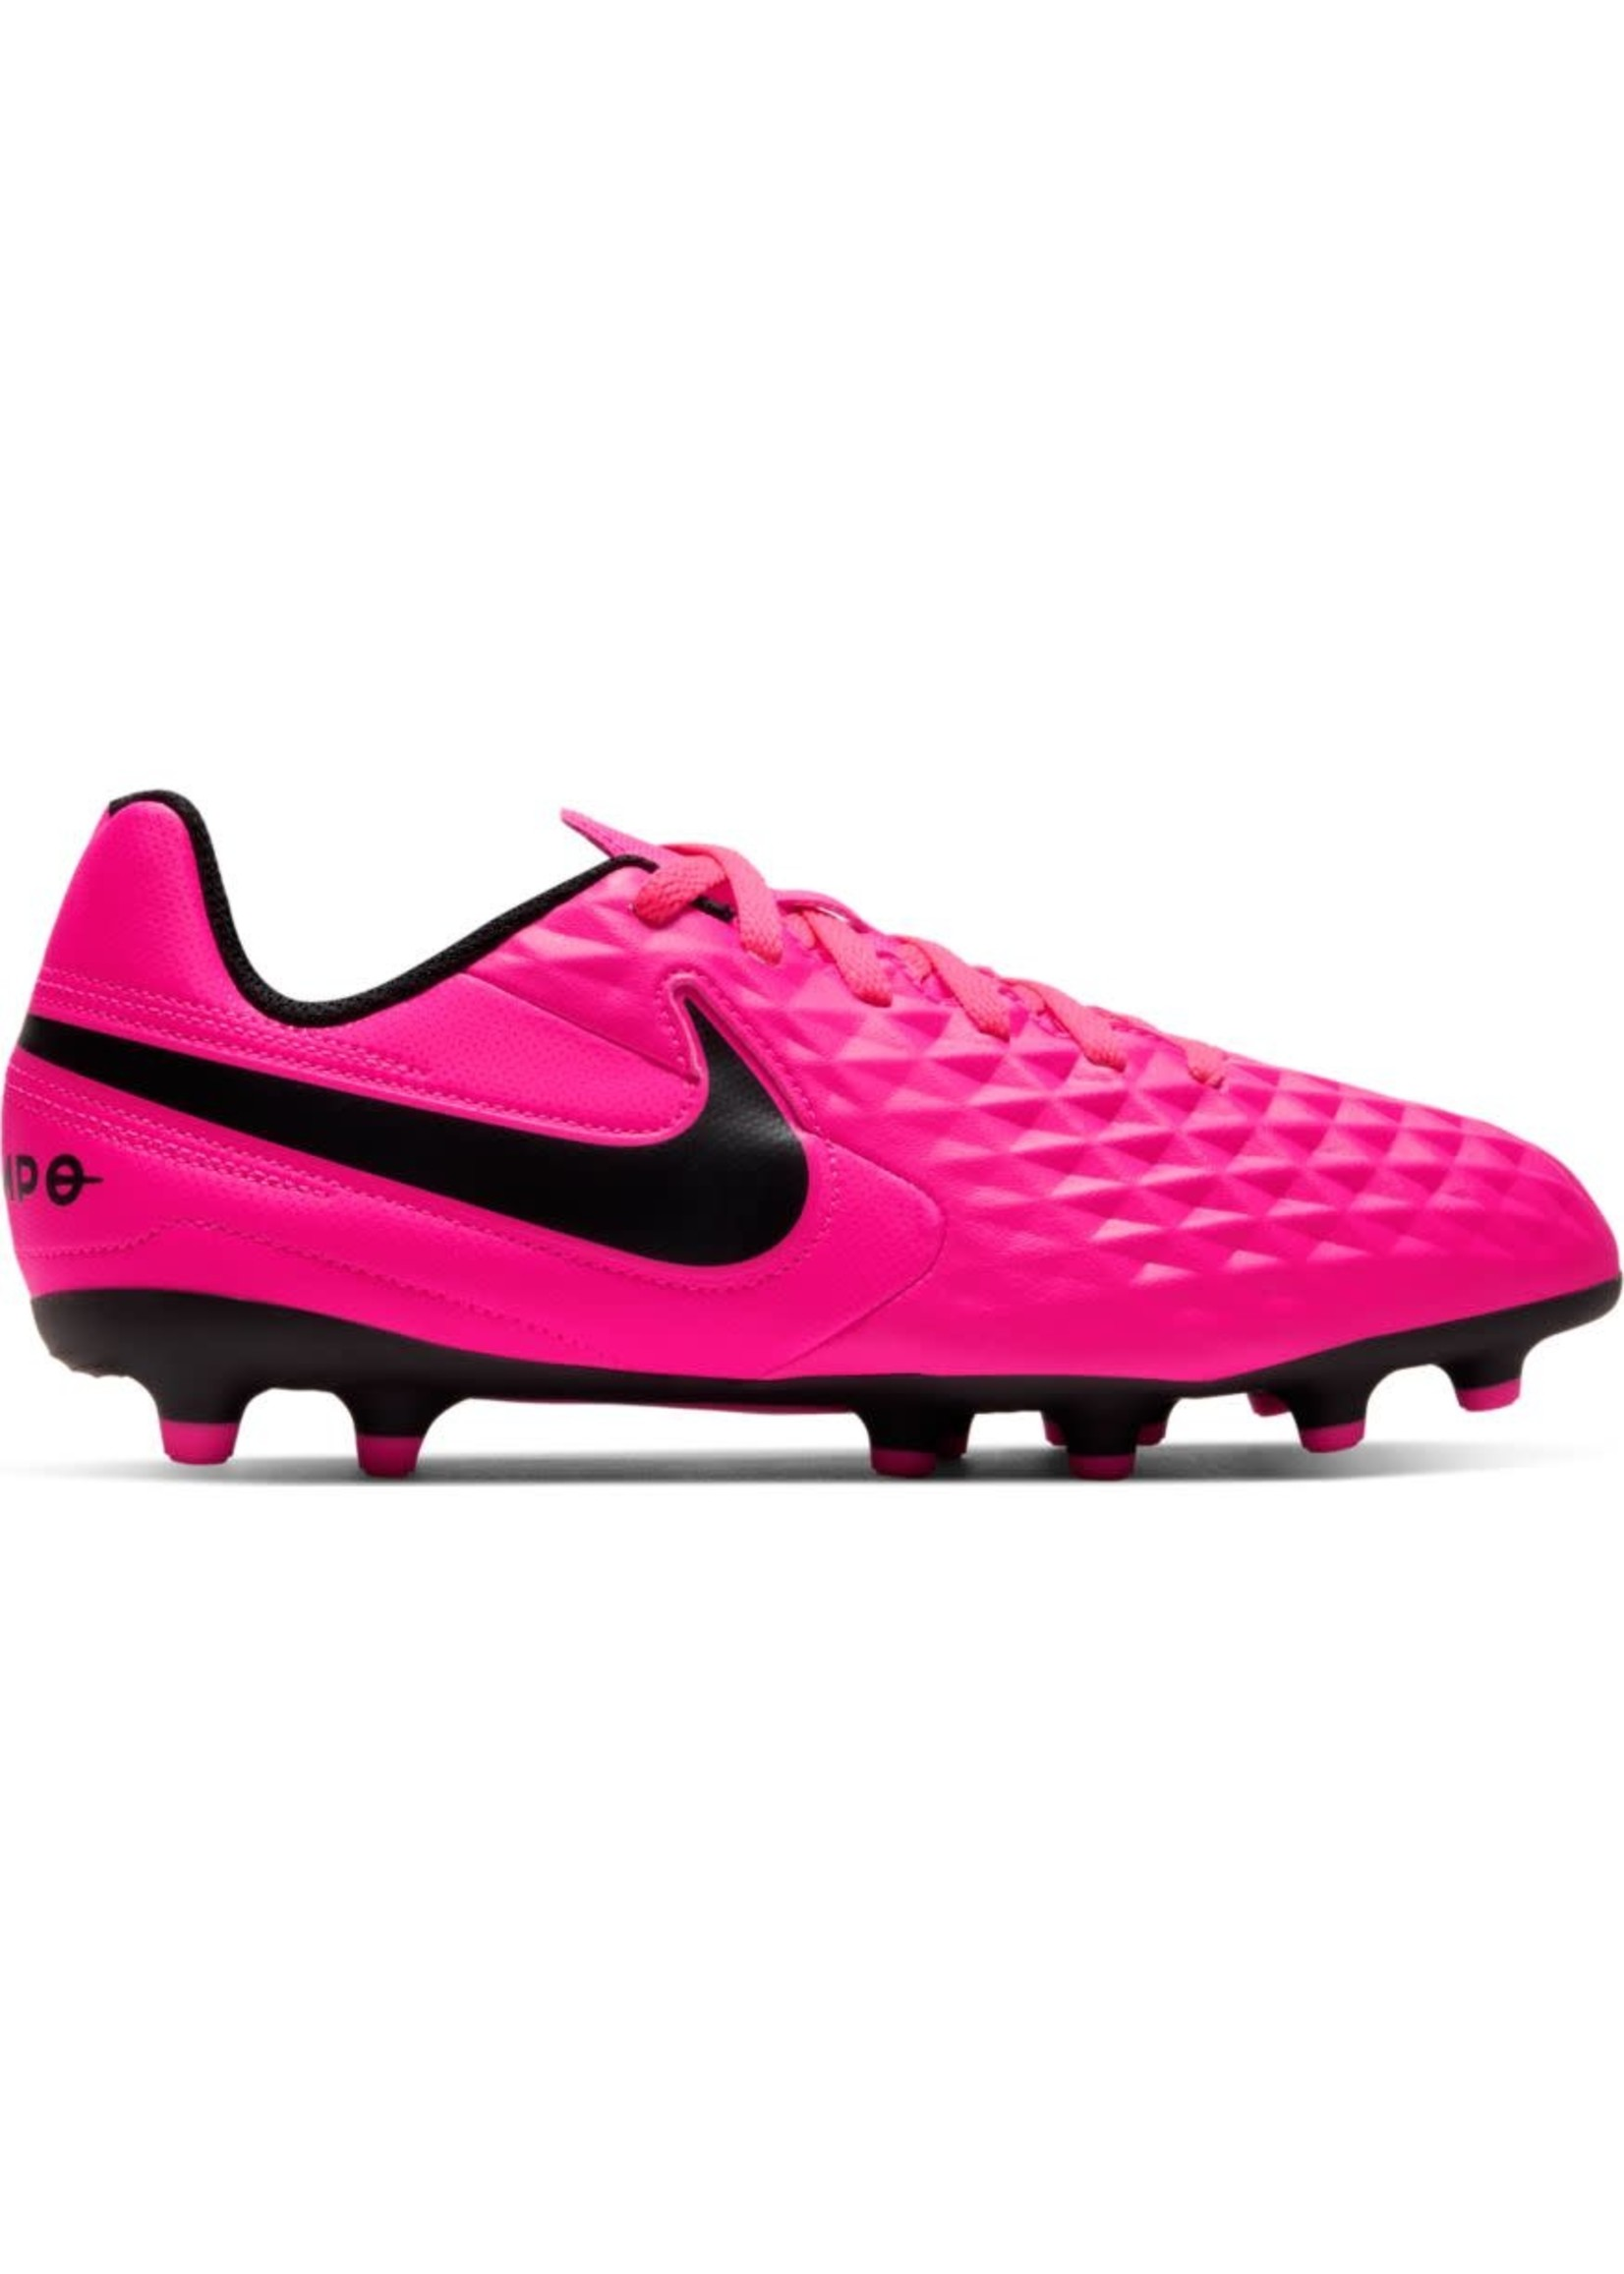 Nike Jr Legend 8 Club FG/MG - Pink/Black